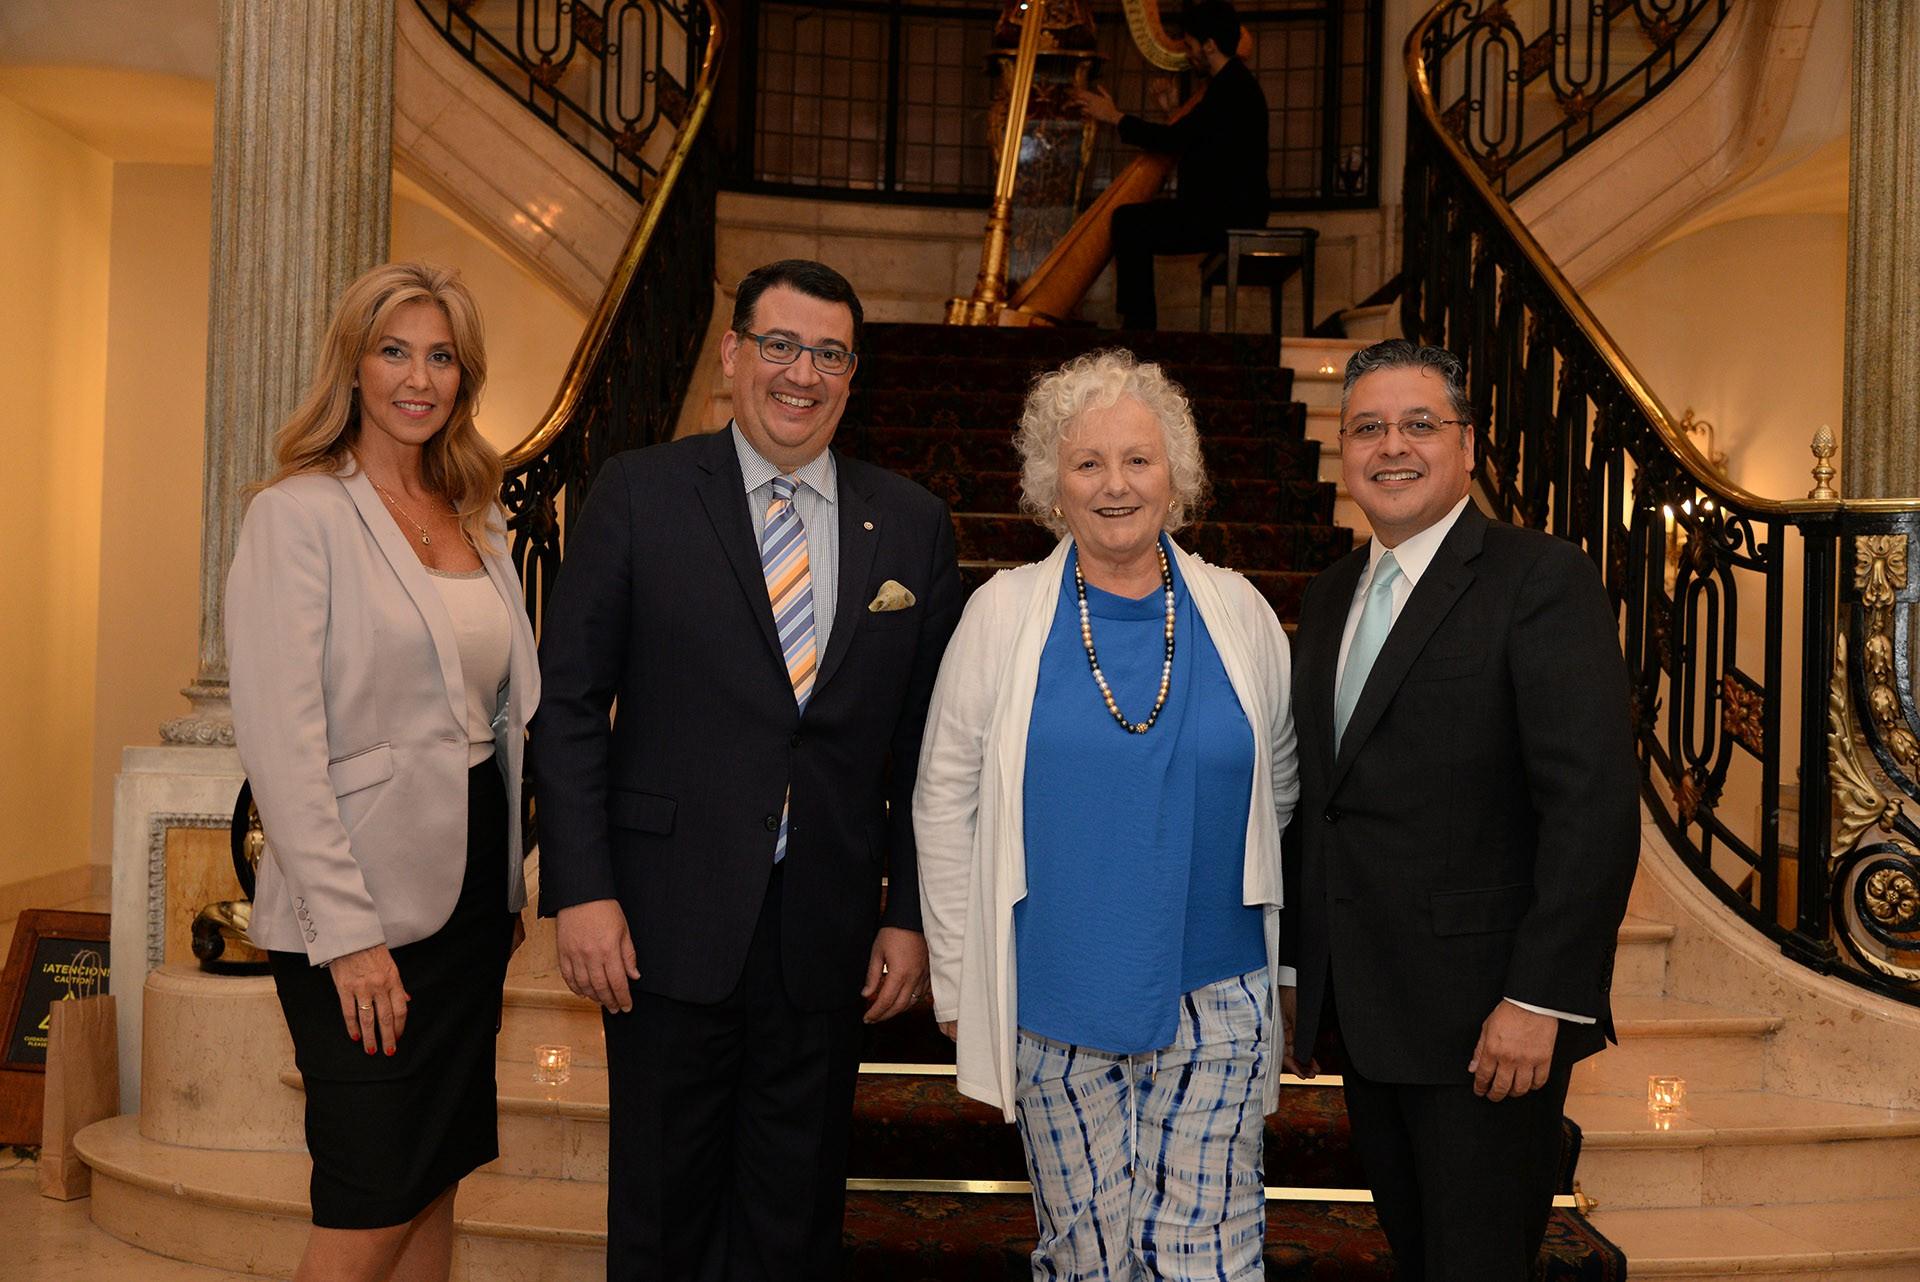 Miriam Flomembaum, encargada de catering del Four Seasons; Tulio Hochkoeppler; Susana Pesis de Werthein, presidenta Fundacion TESA, y Ariel Blufstein